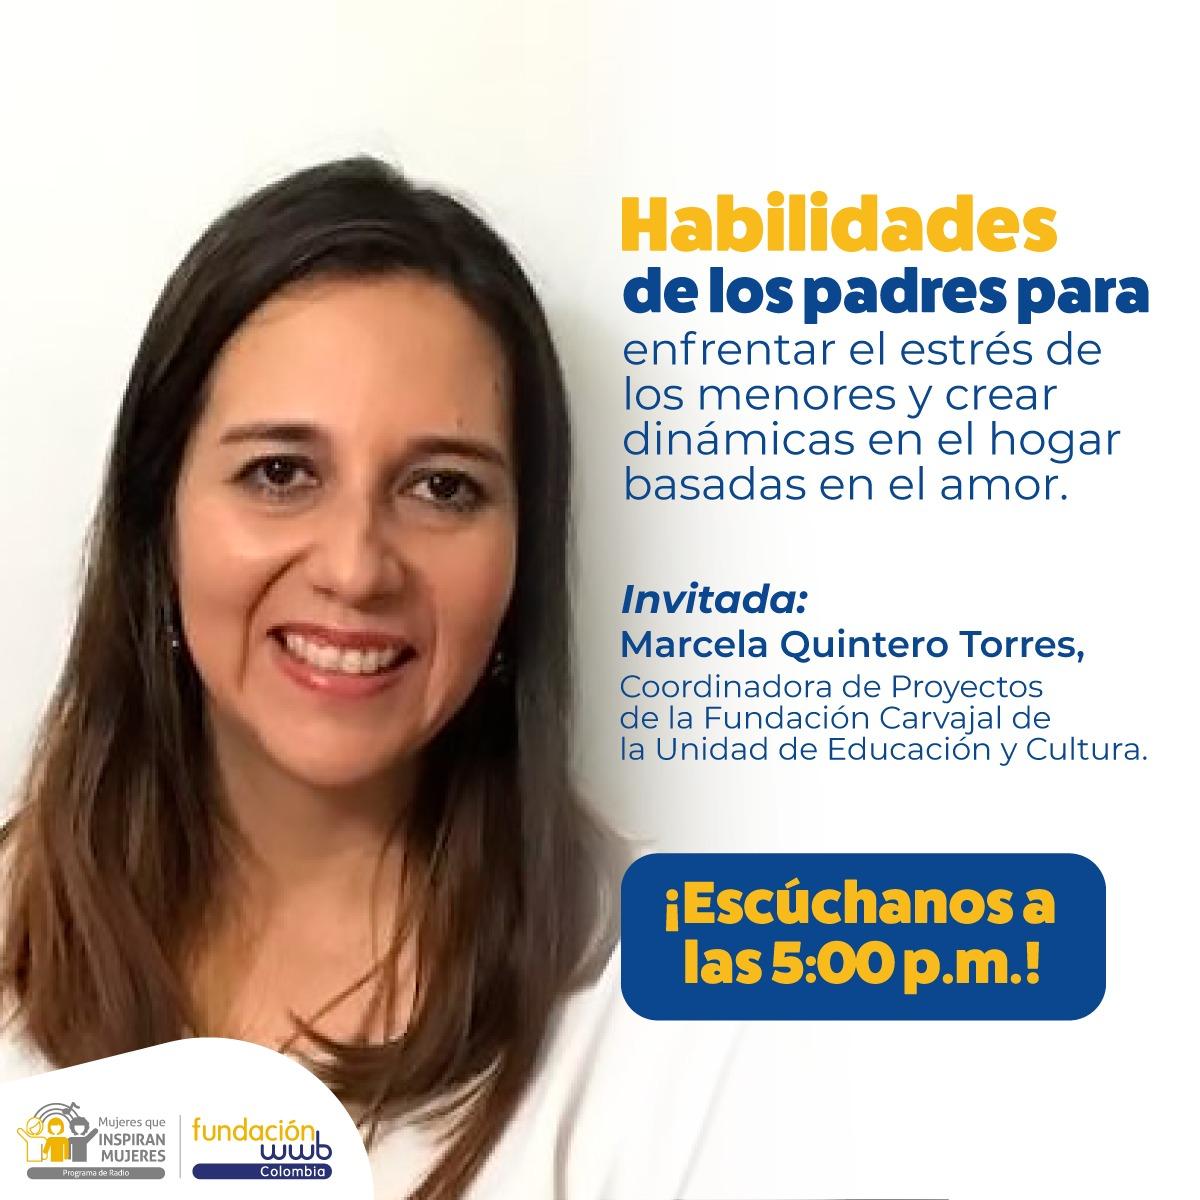 Marcela Quintero, coord. del área Educación y cultura de la @FunCarvajal , está al aire en @rcnmundo para conversar en @FundacionWWBCol sobre habilidades de los padres para enfrentar el estrés de los menores y crear dinámicas en el hogar basadas en el amor https://www.rcnmundo.com/calidadcalipic.twitter.com/lg8NE7mJ2J